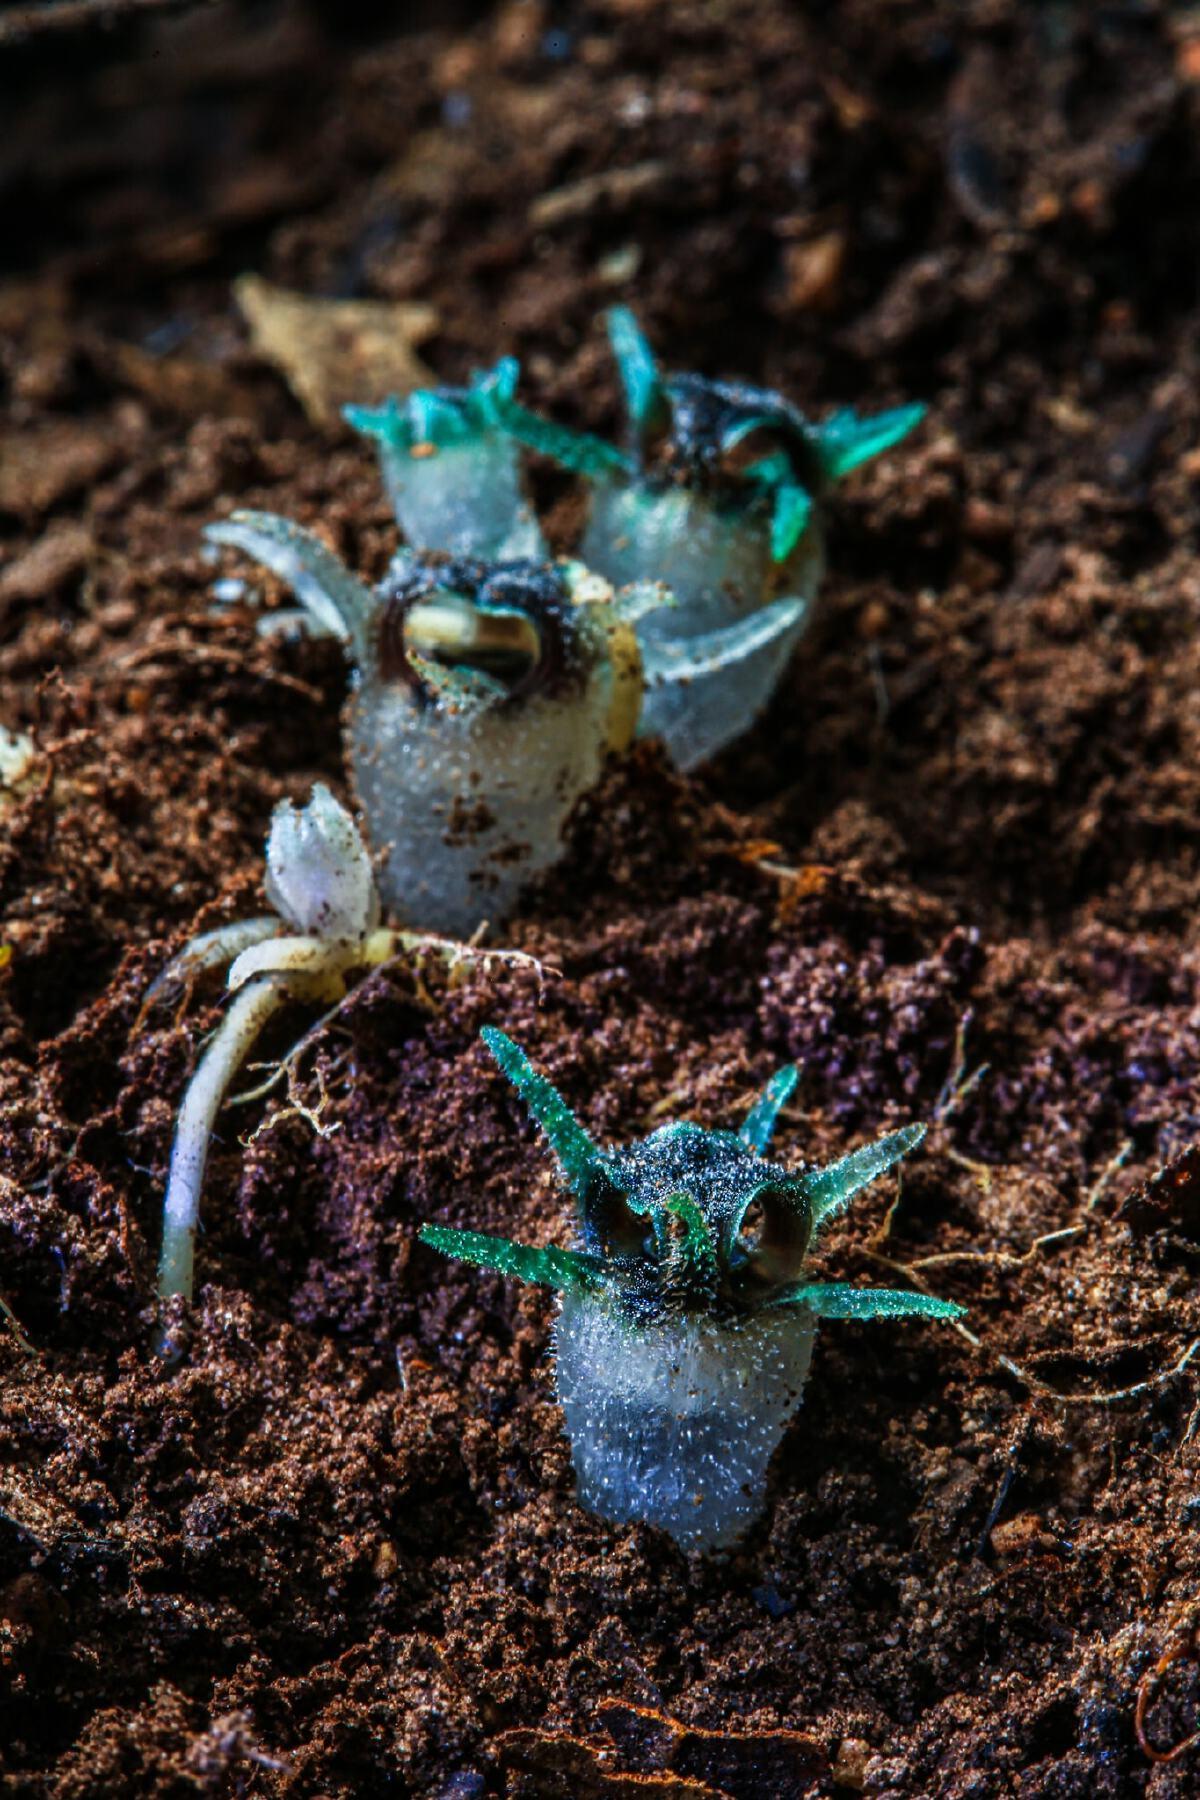 """รู้จักยัง """"พิศวงไทยทอง"""" พืชพิศวง พรรณไม้ชนิดใหม่ของโลก"""